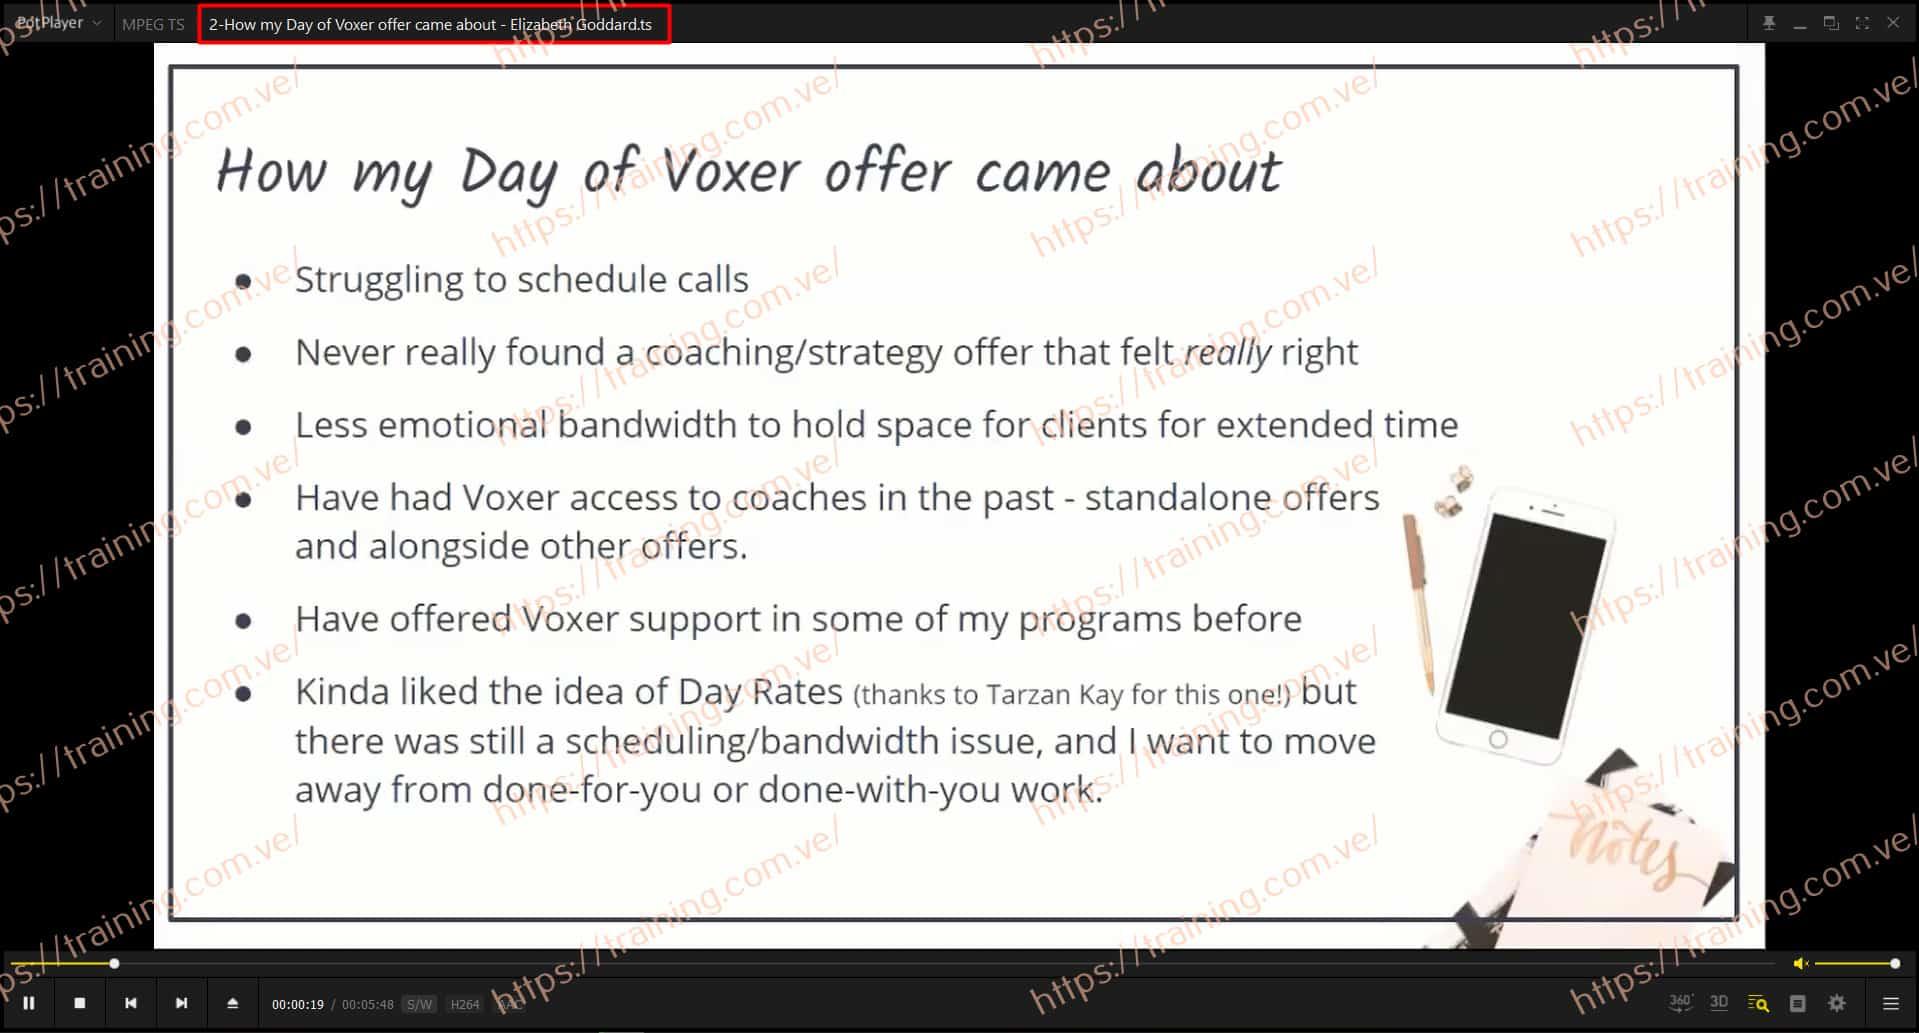 Rock Your Day of Voxer Offer Bundle by Elizabeth Goddard Sale